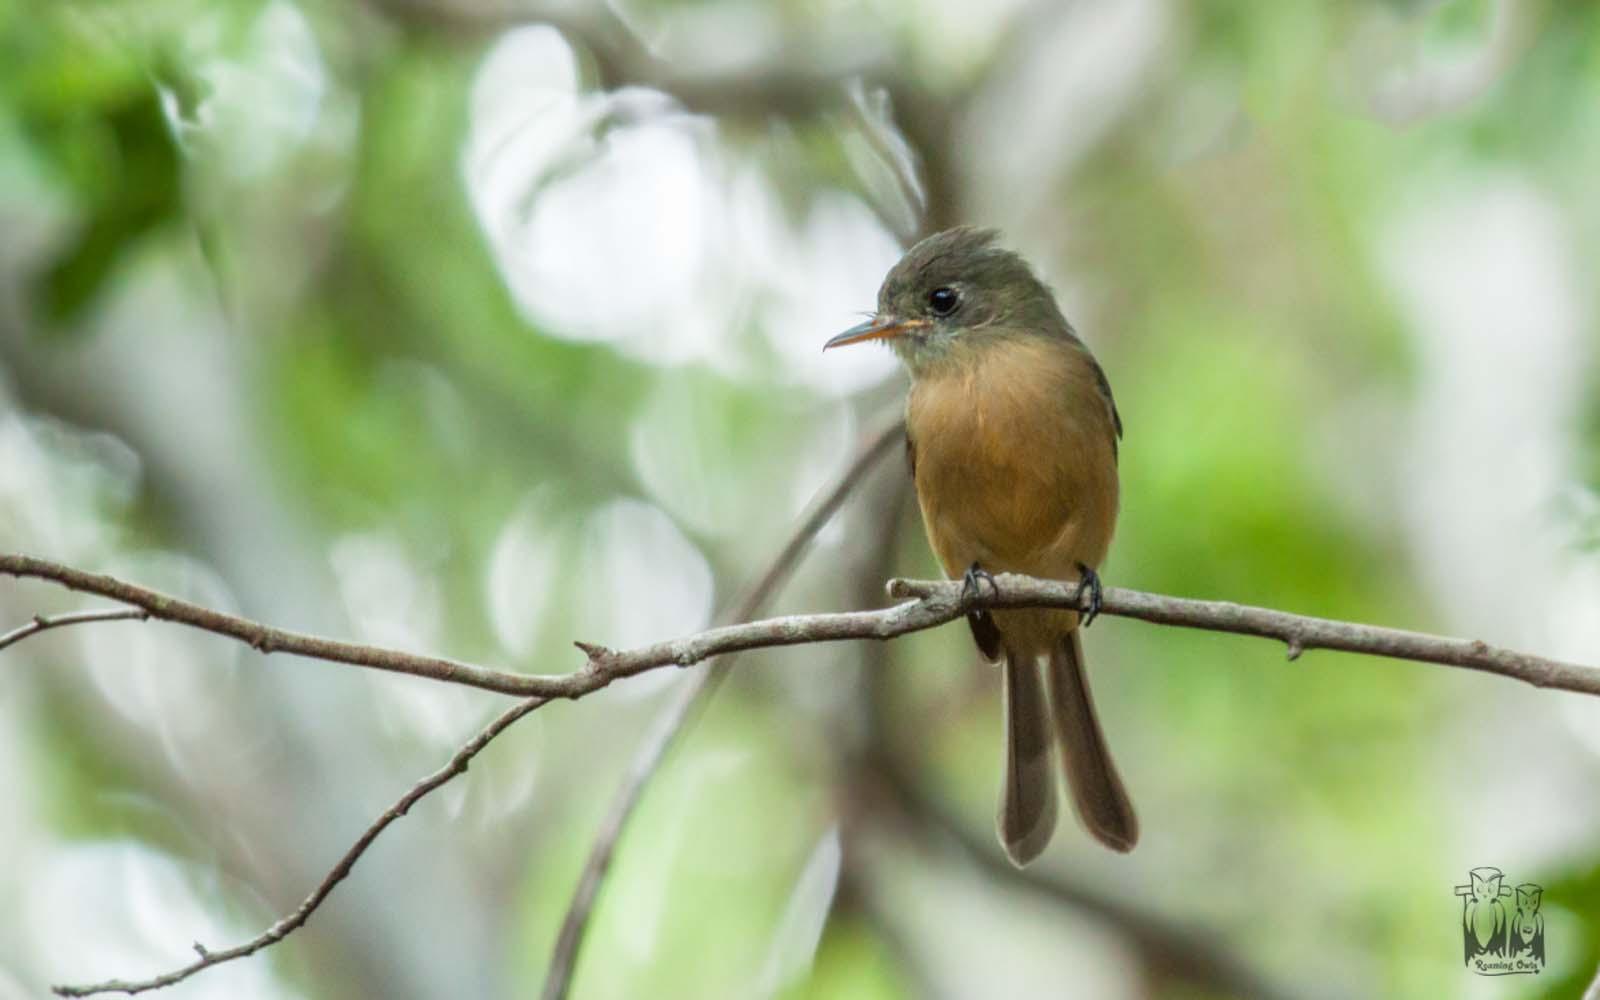 Greater Antillean pewee,Contopus caribaeus,Cuban Pewee